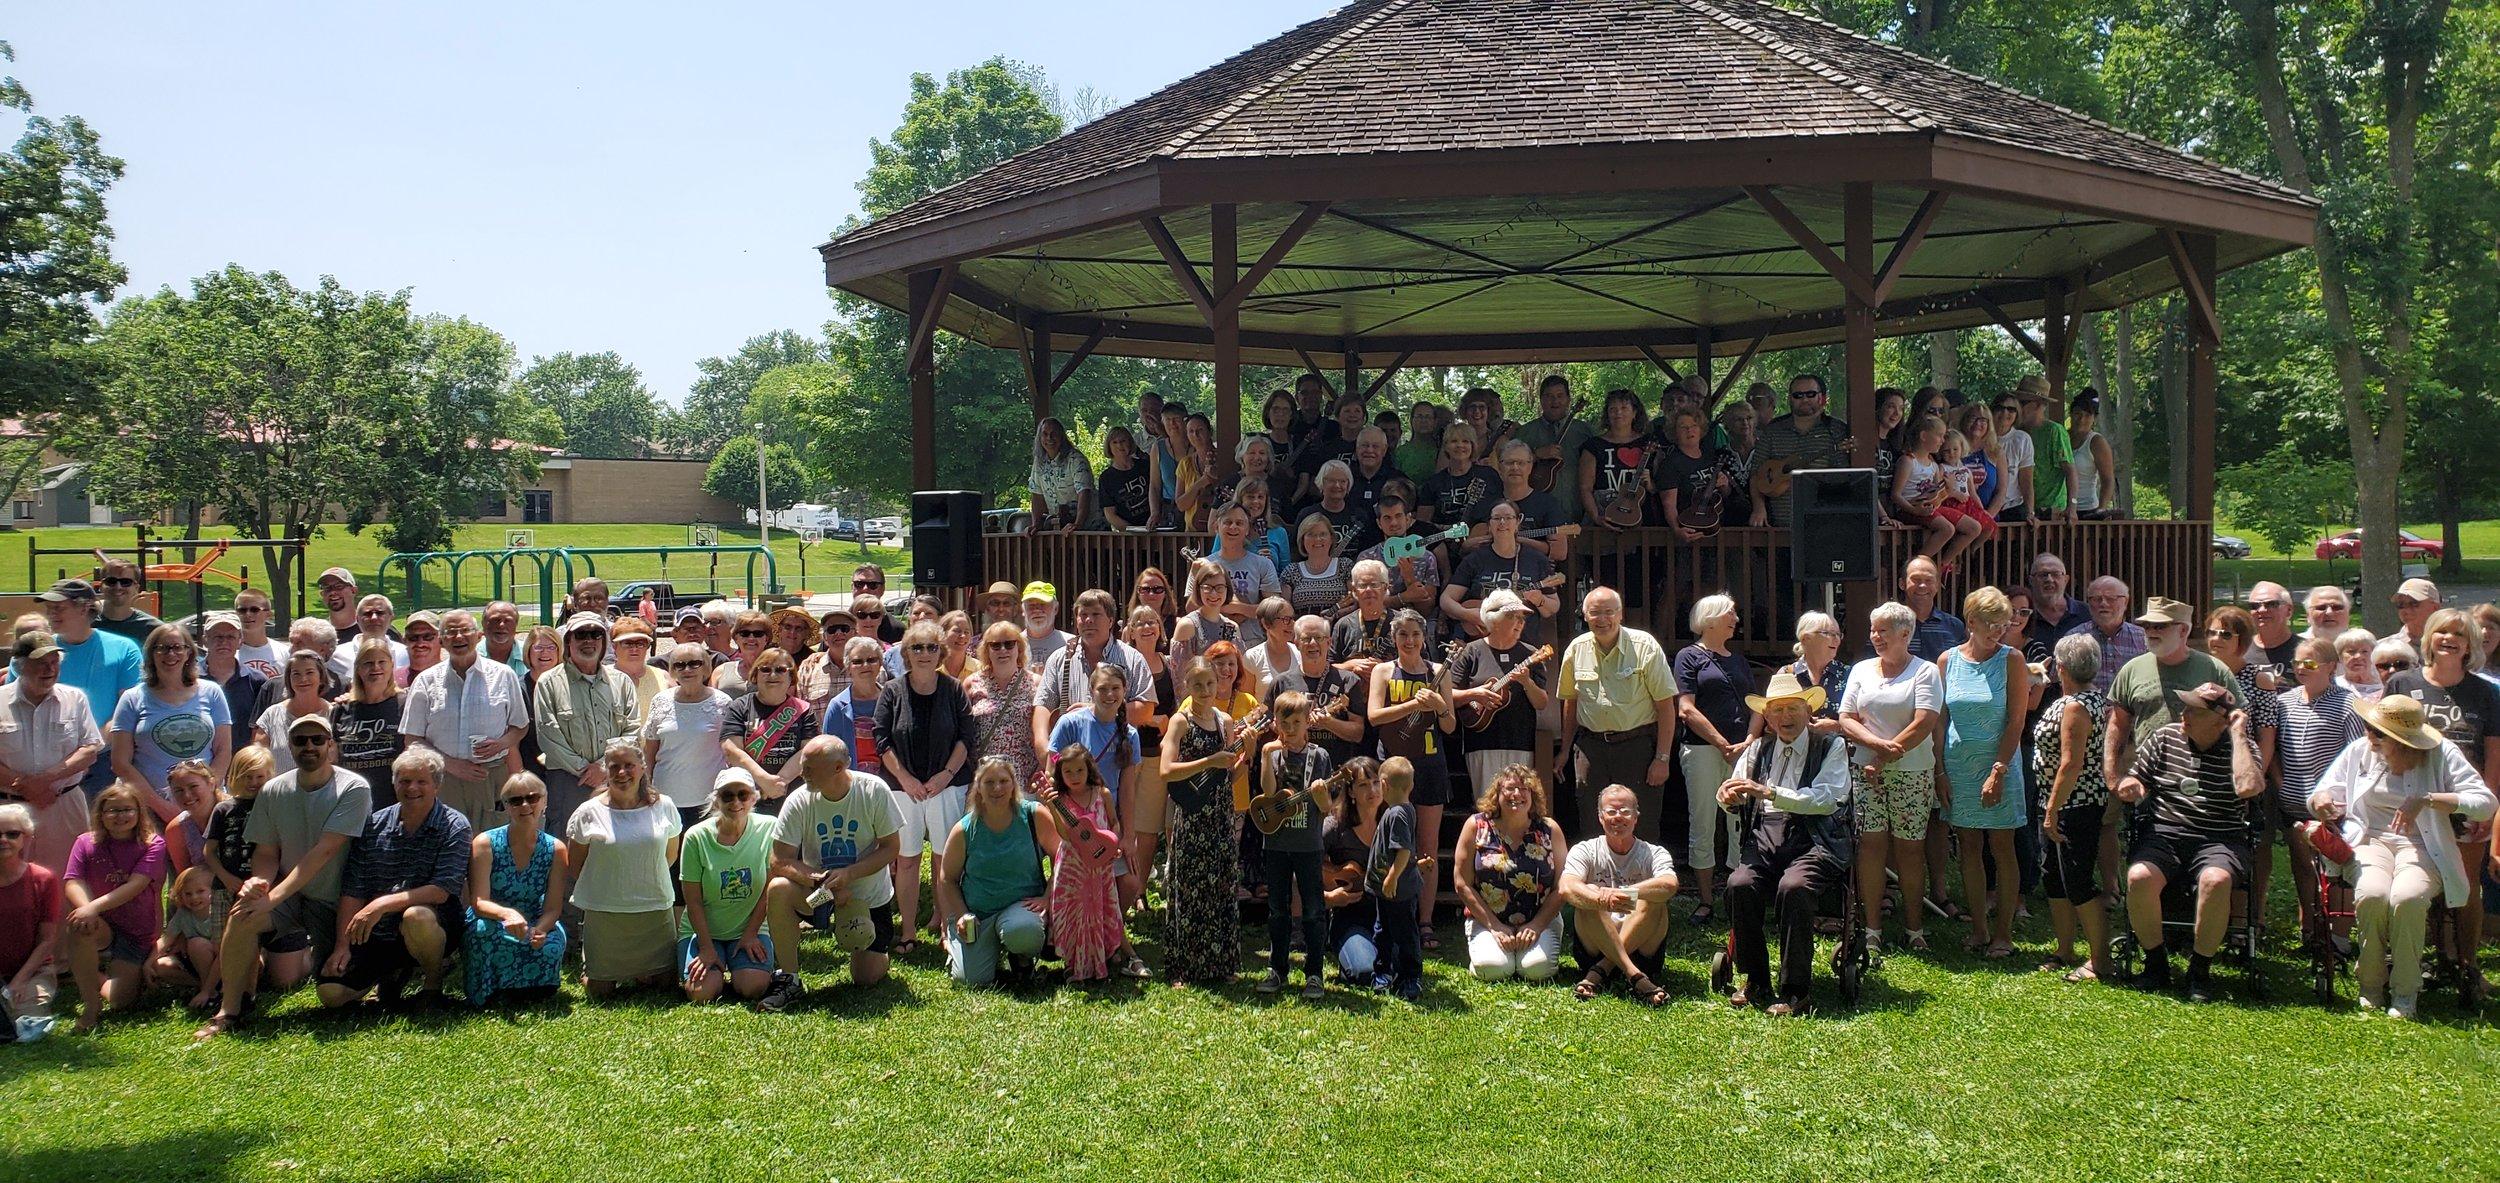 Lanesboro Community Potluck